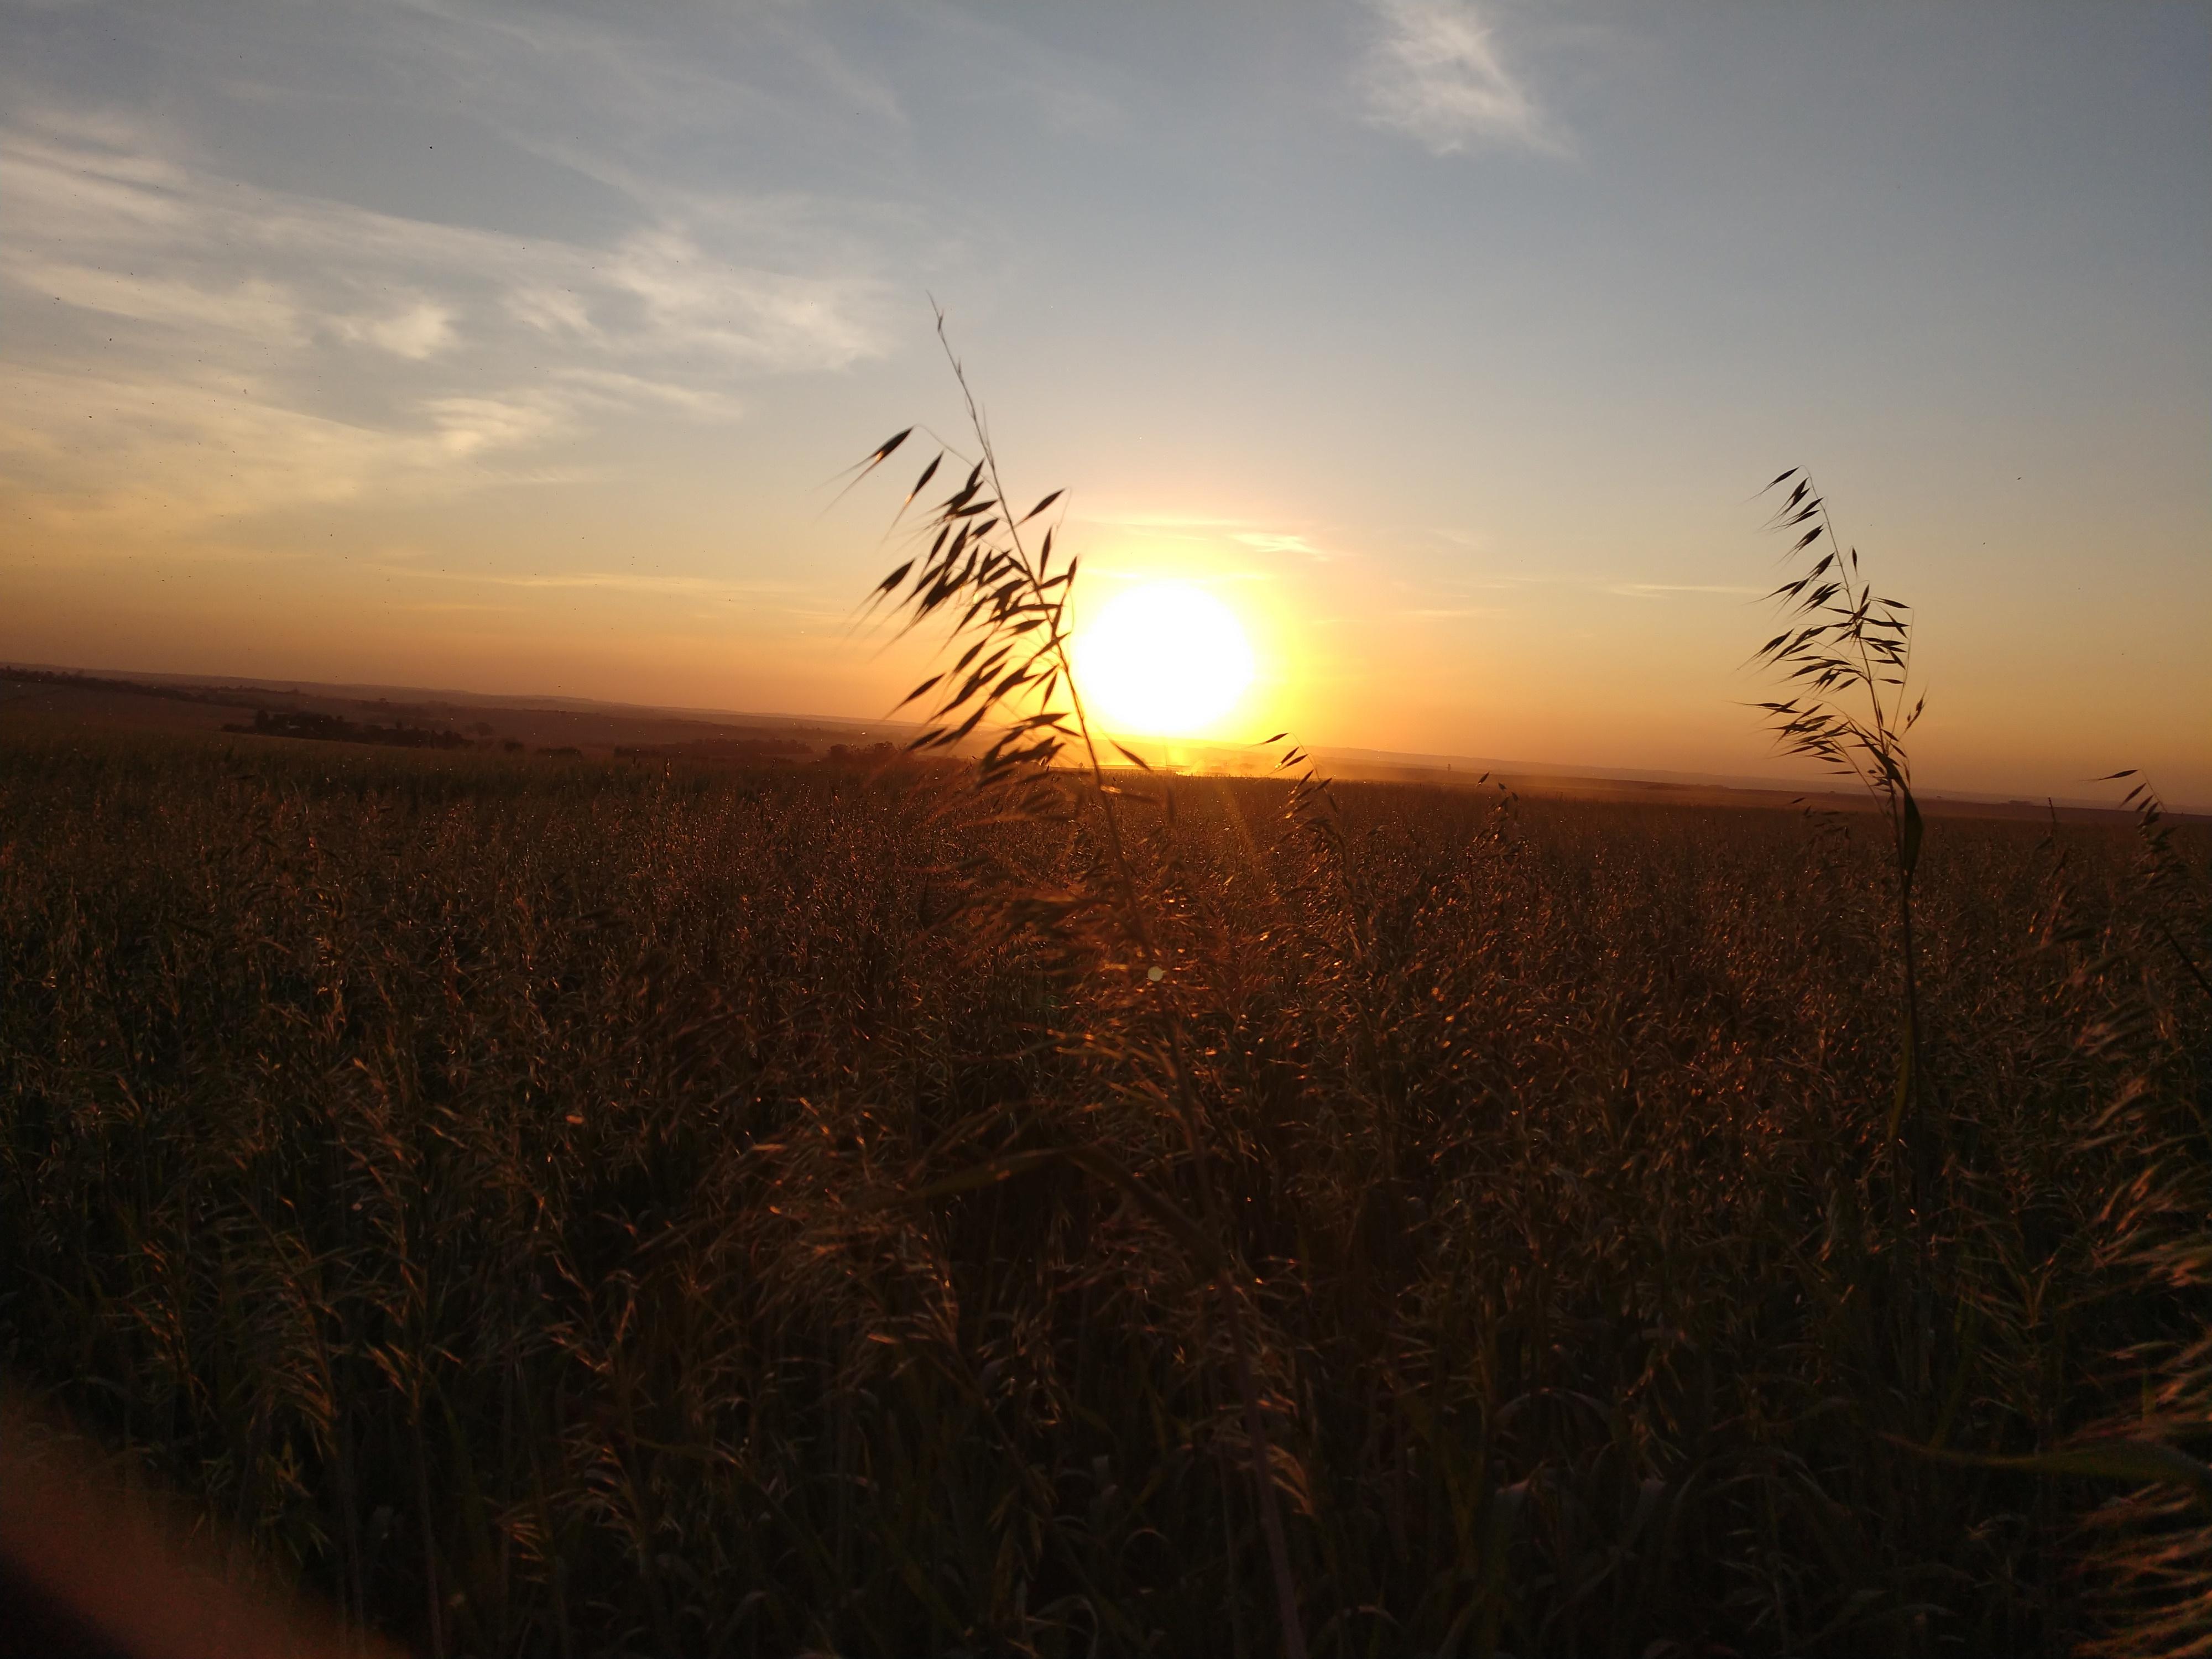 Por do sol. Envio de Cleber Ribeiro da Mota